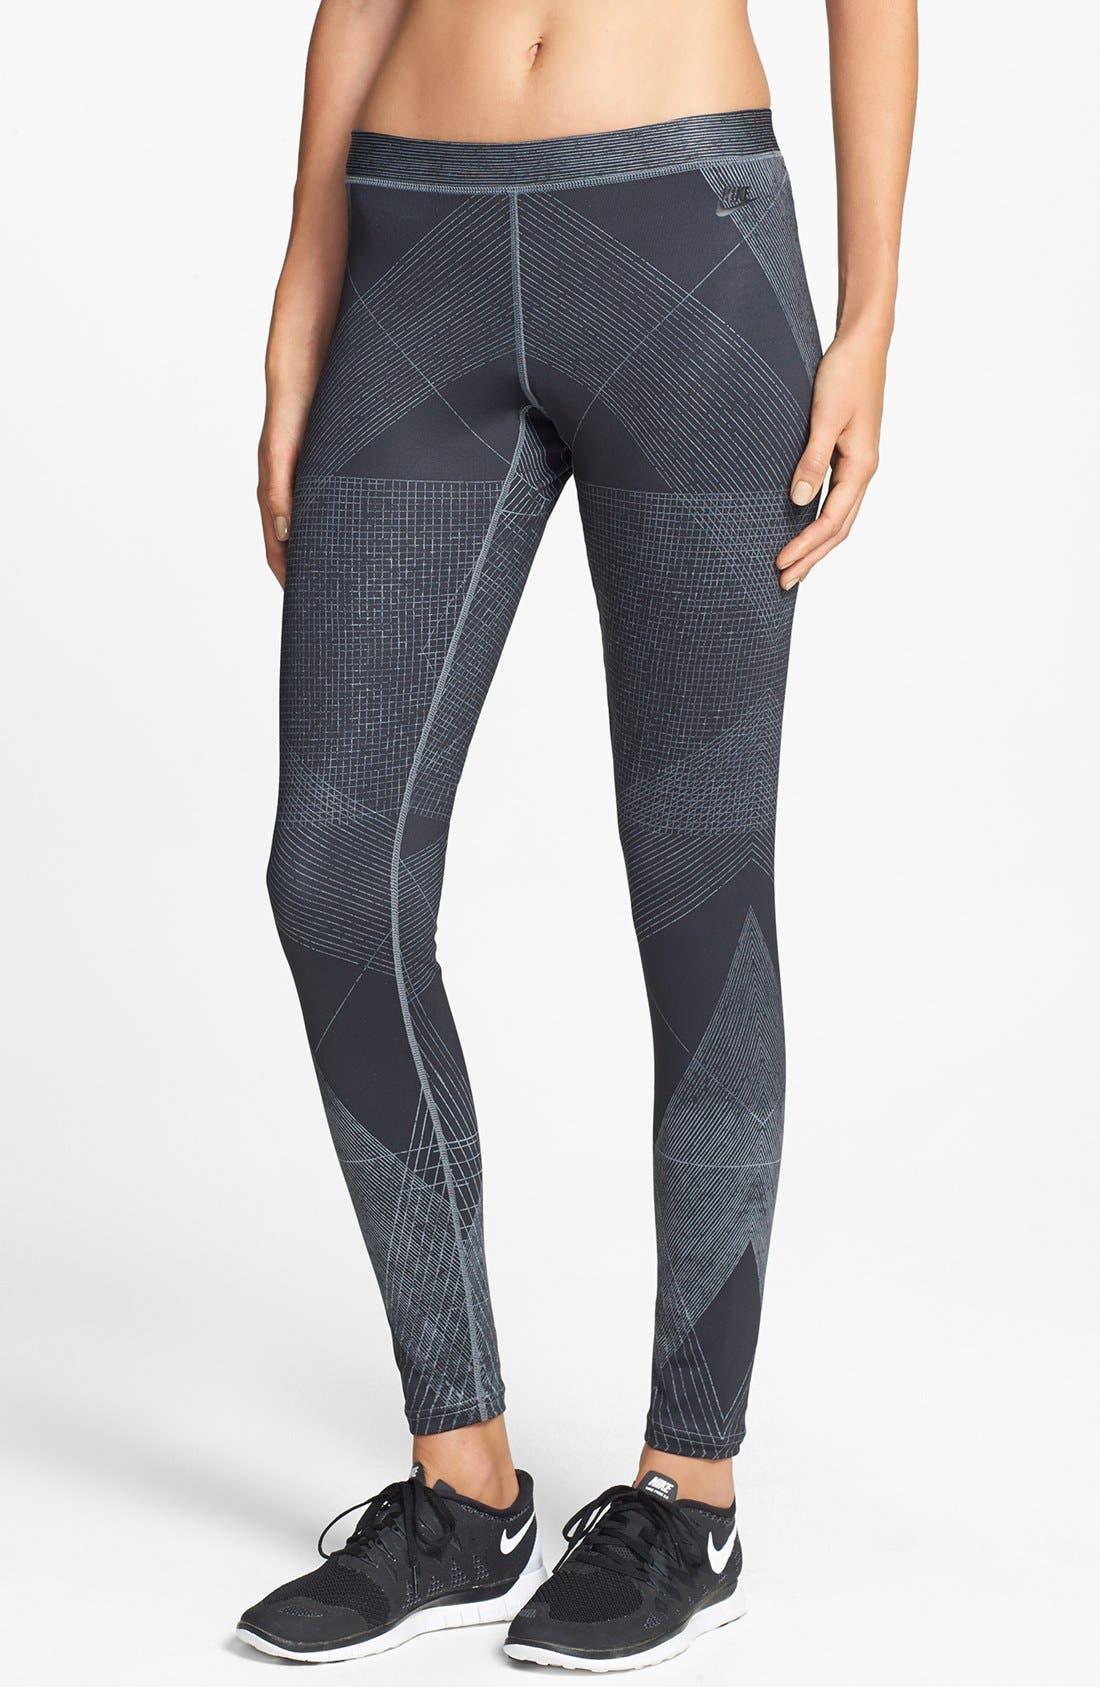 Alternate Image 1 Selected - Nike 'Fast Track' Dri-FIT Print Leggings